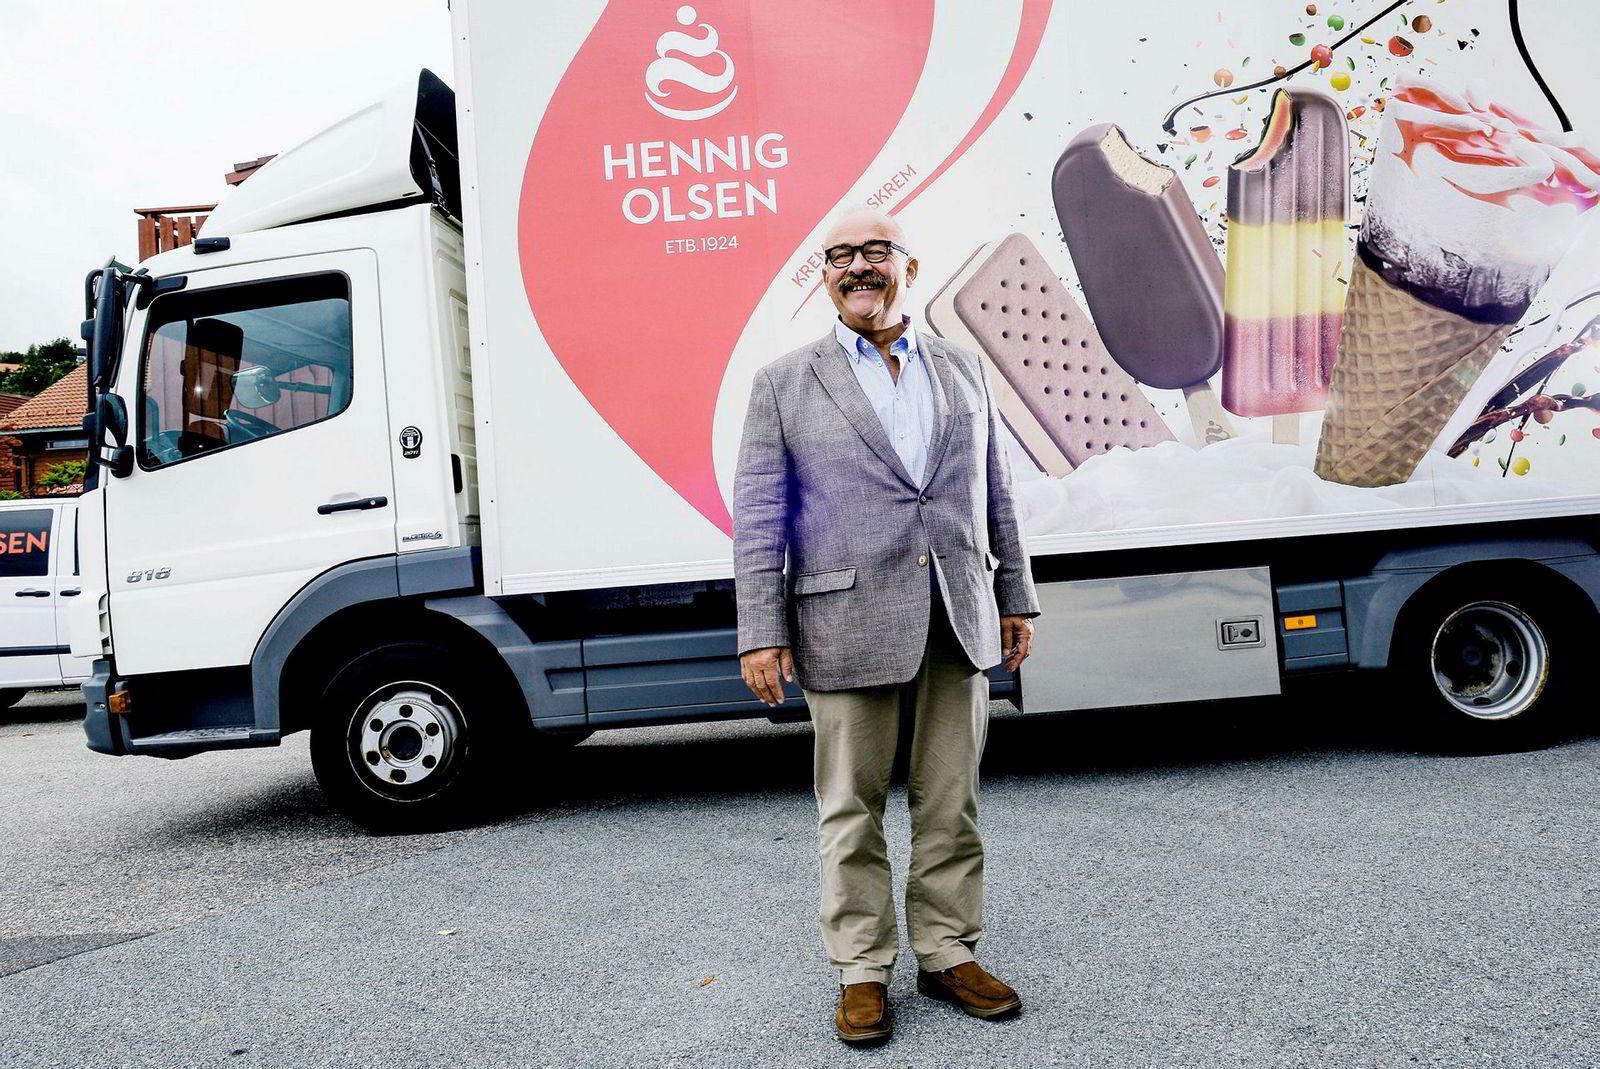 Etterspørselen etter vegan- og nullkaloriis vokser enormt, sier administrerende direktør i Hennig-Olsen Is, Paal Hennig-Olsen.